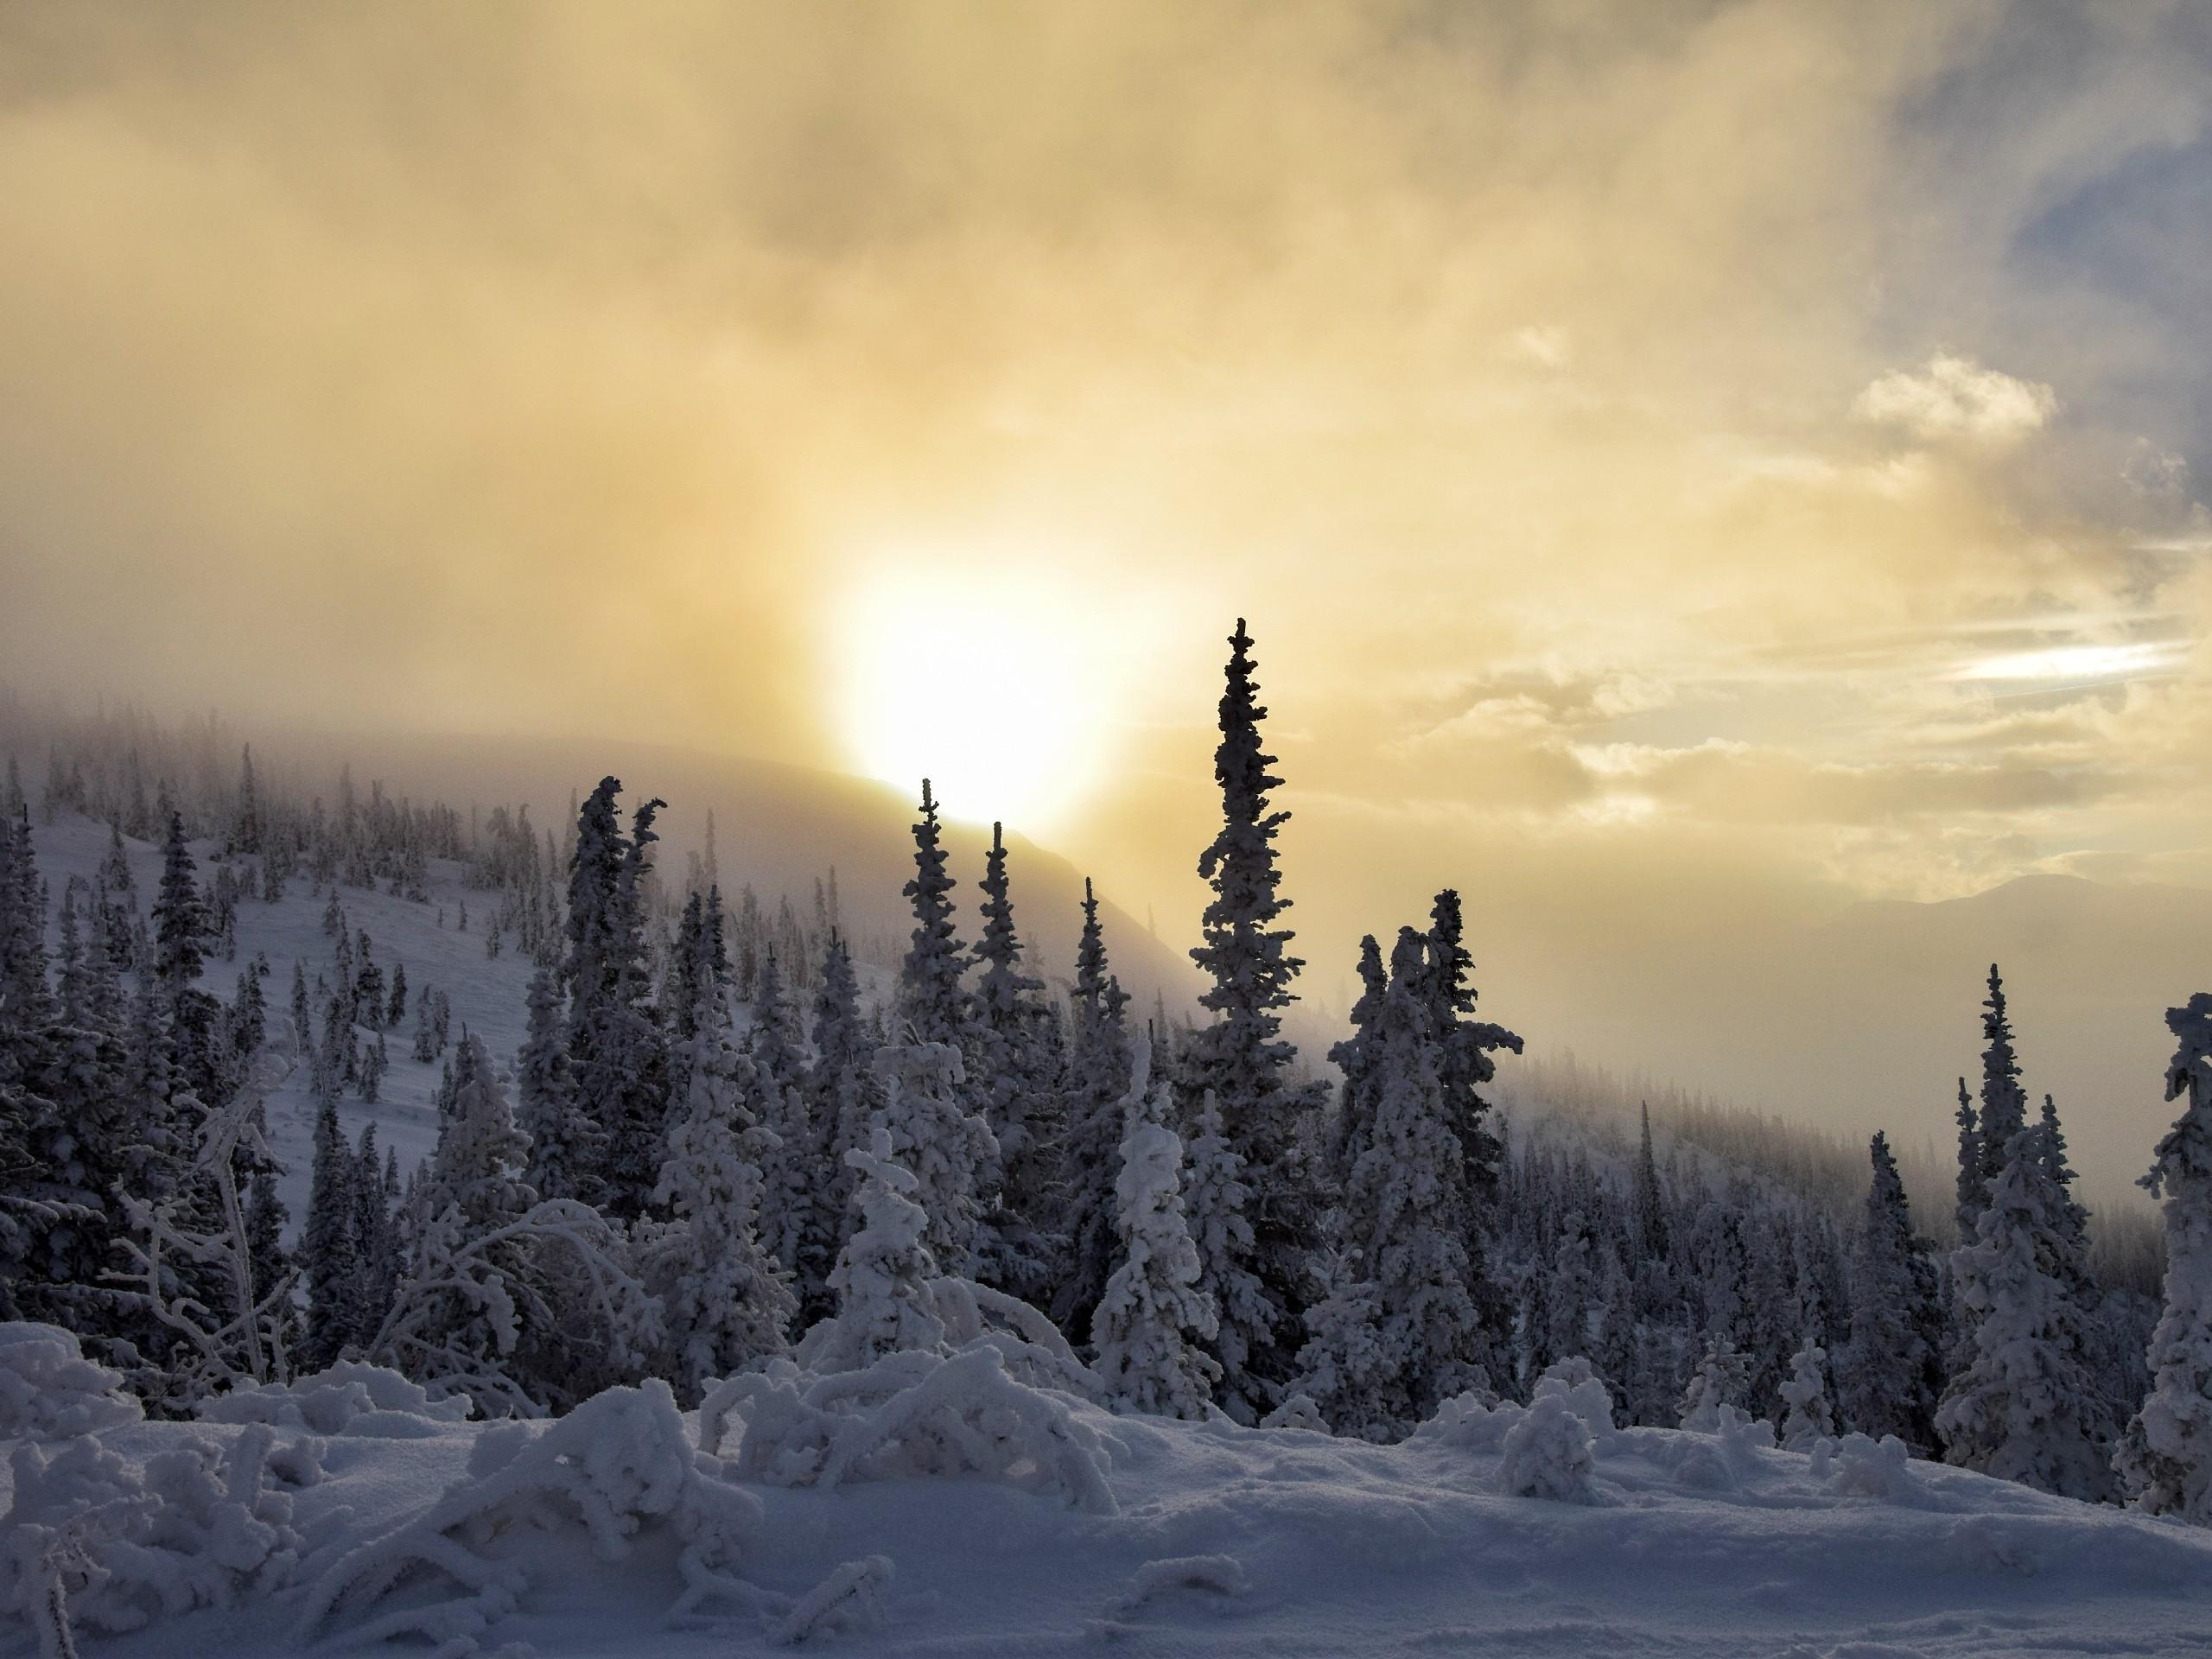 Winter in Yukon (snowy trees in Kluane)